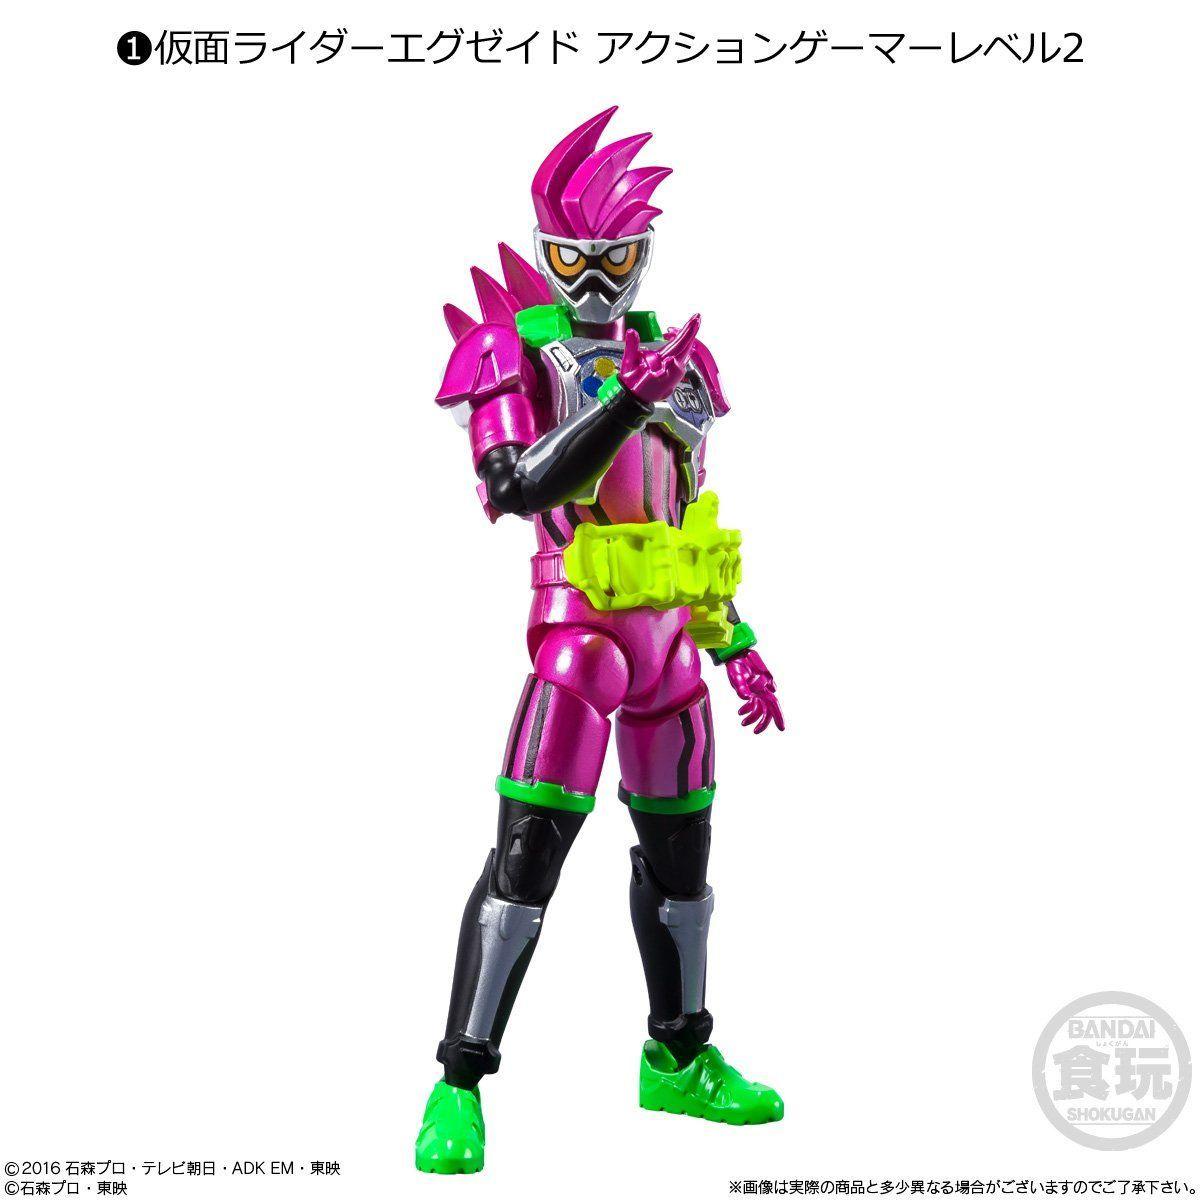 【食玩】SHODO-X『仮面ライダー11』可動フィギュア 10個入りBOX-003